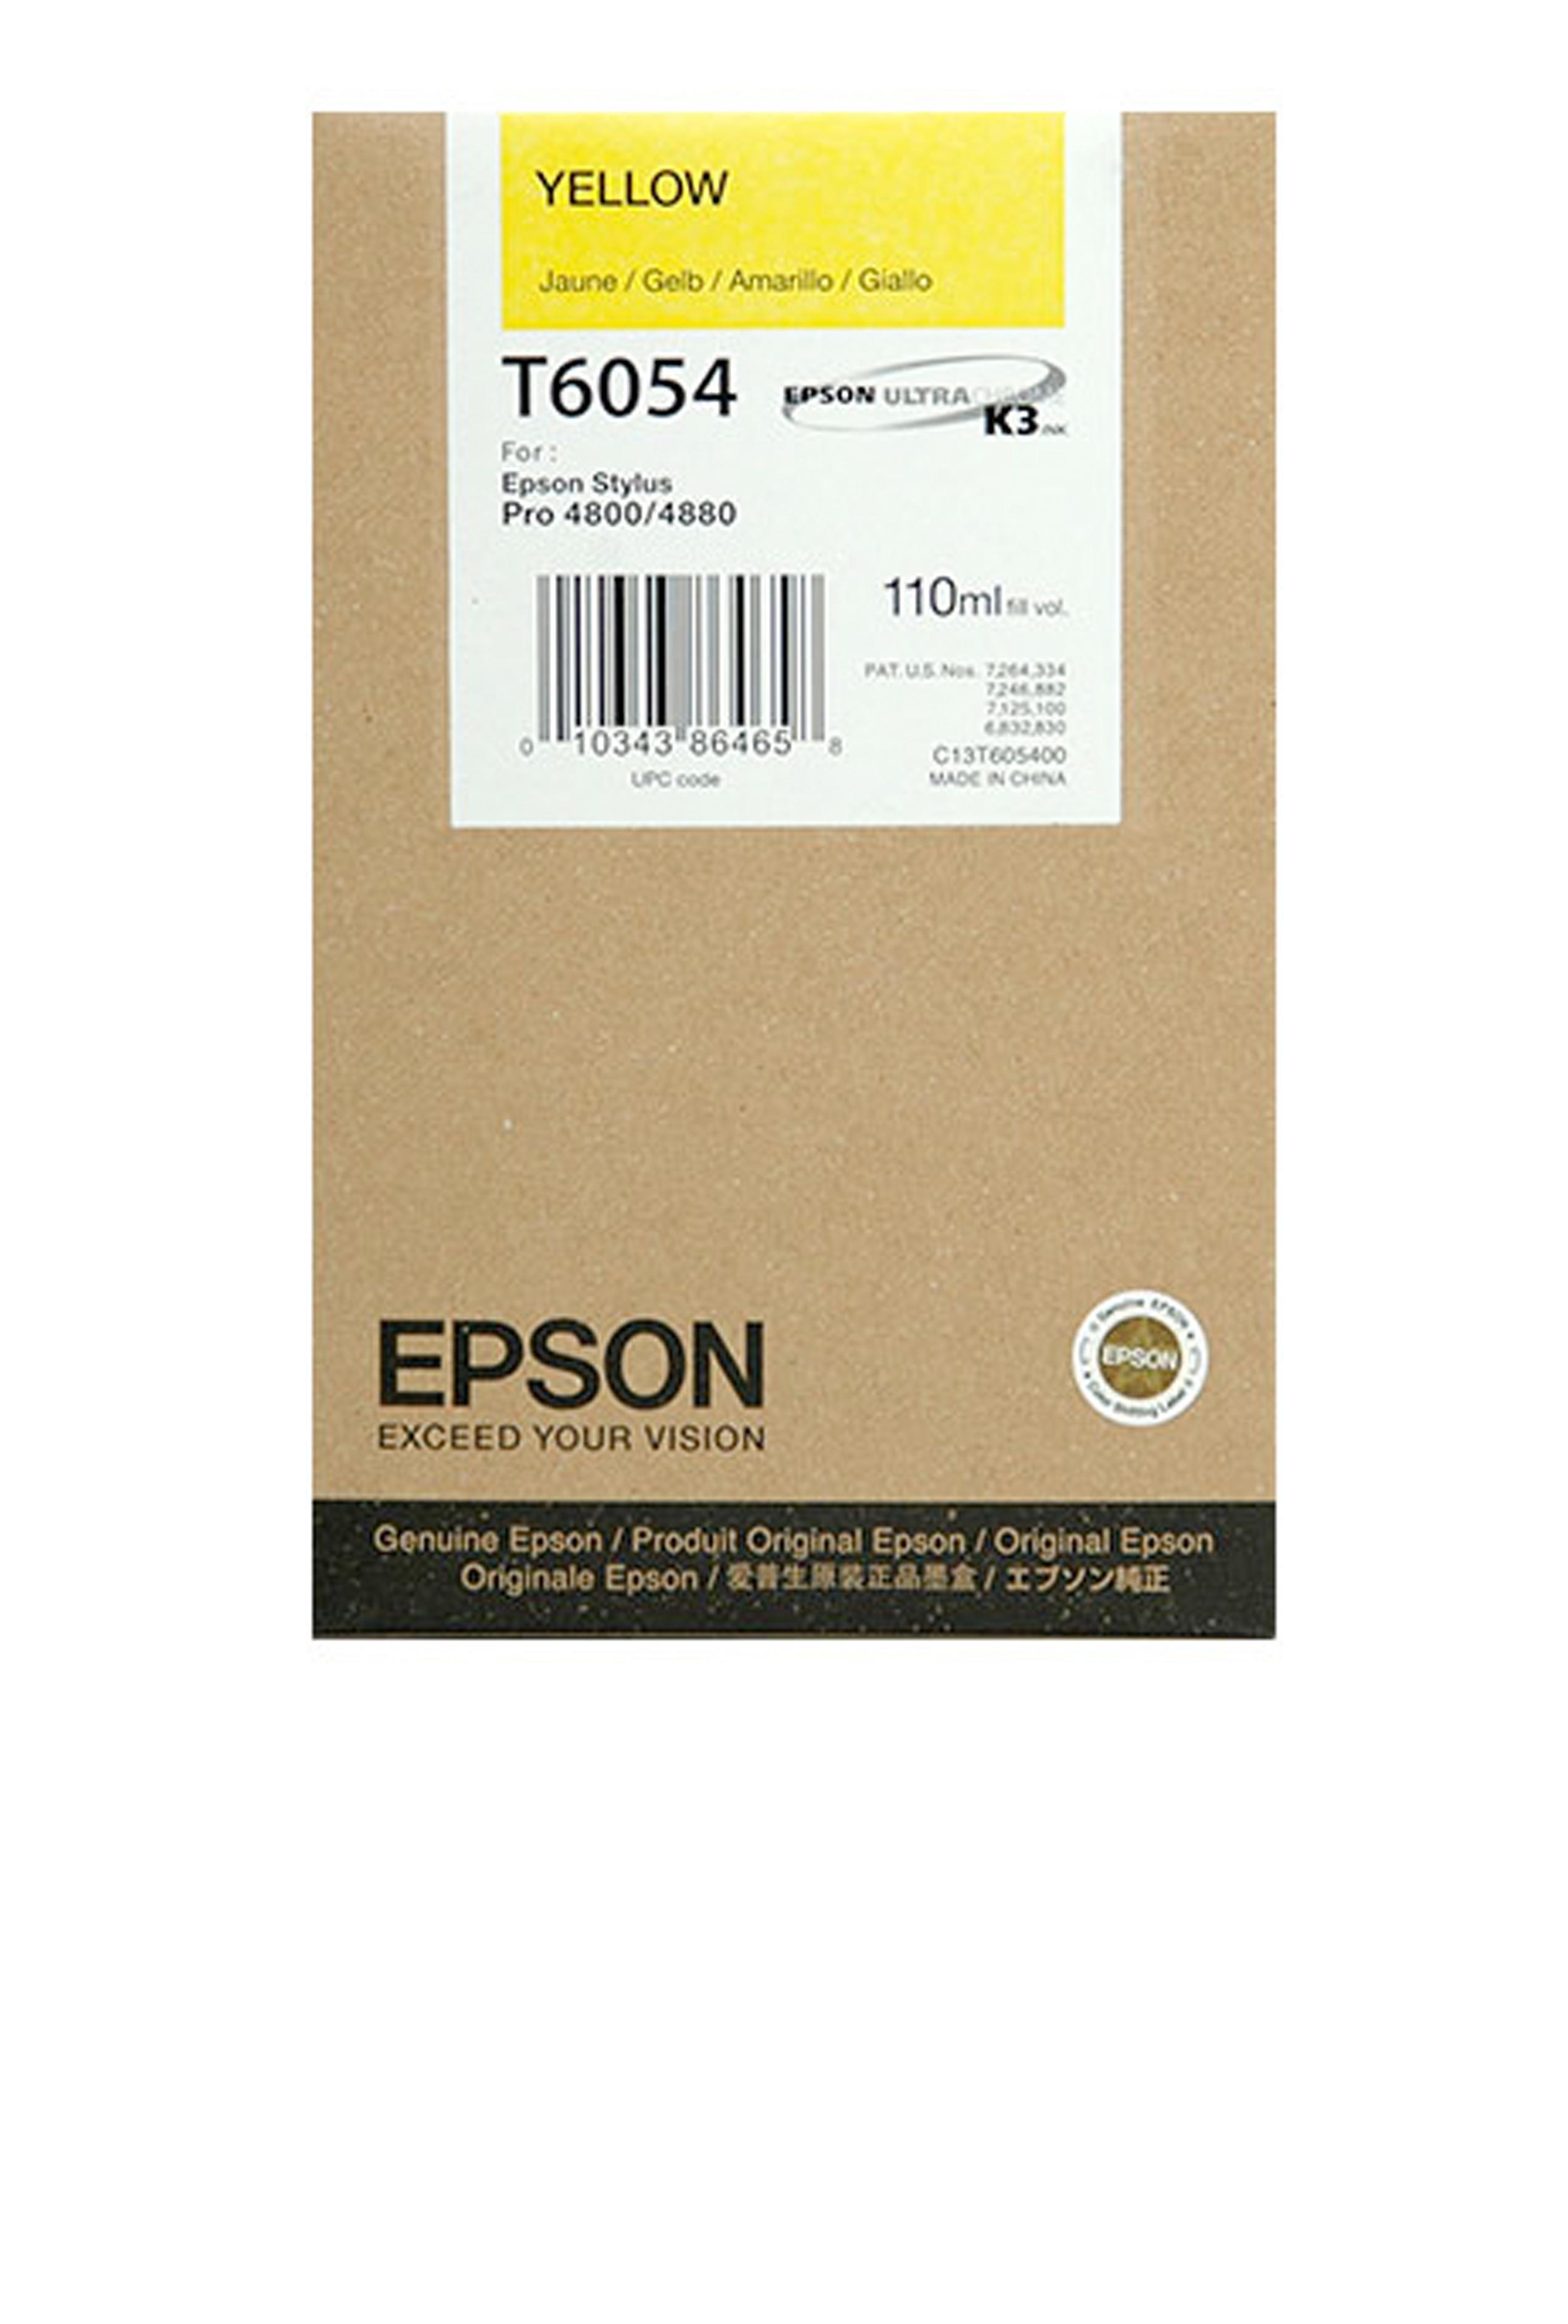 Epson EPSON SD YELLOW INK (110 ML) (T605400)